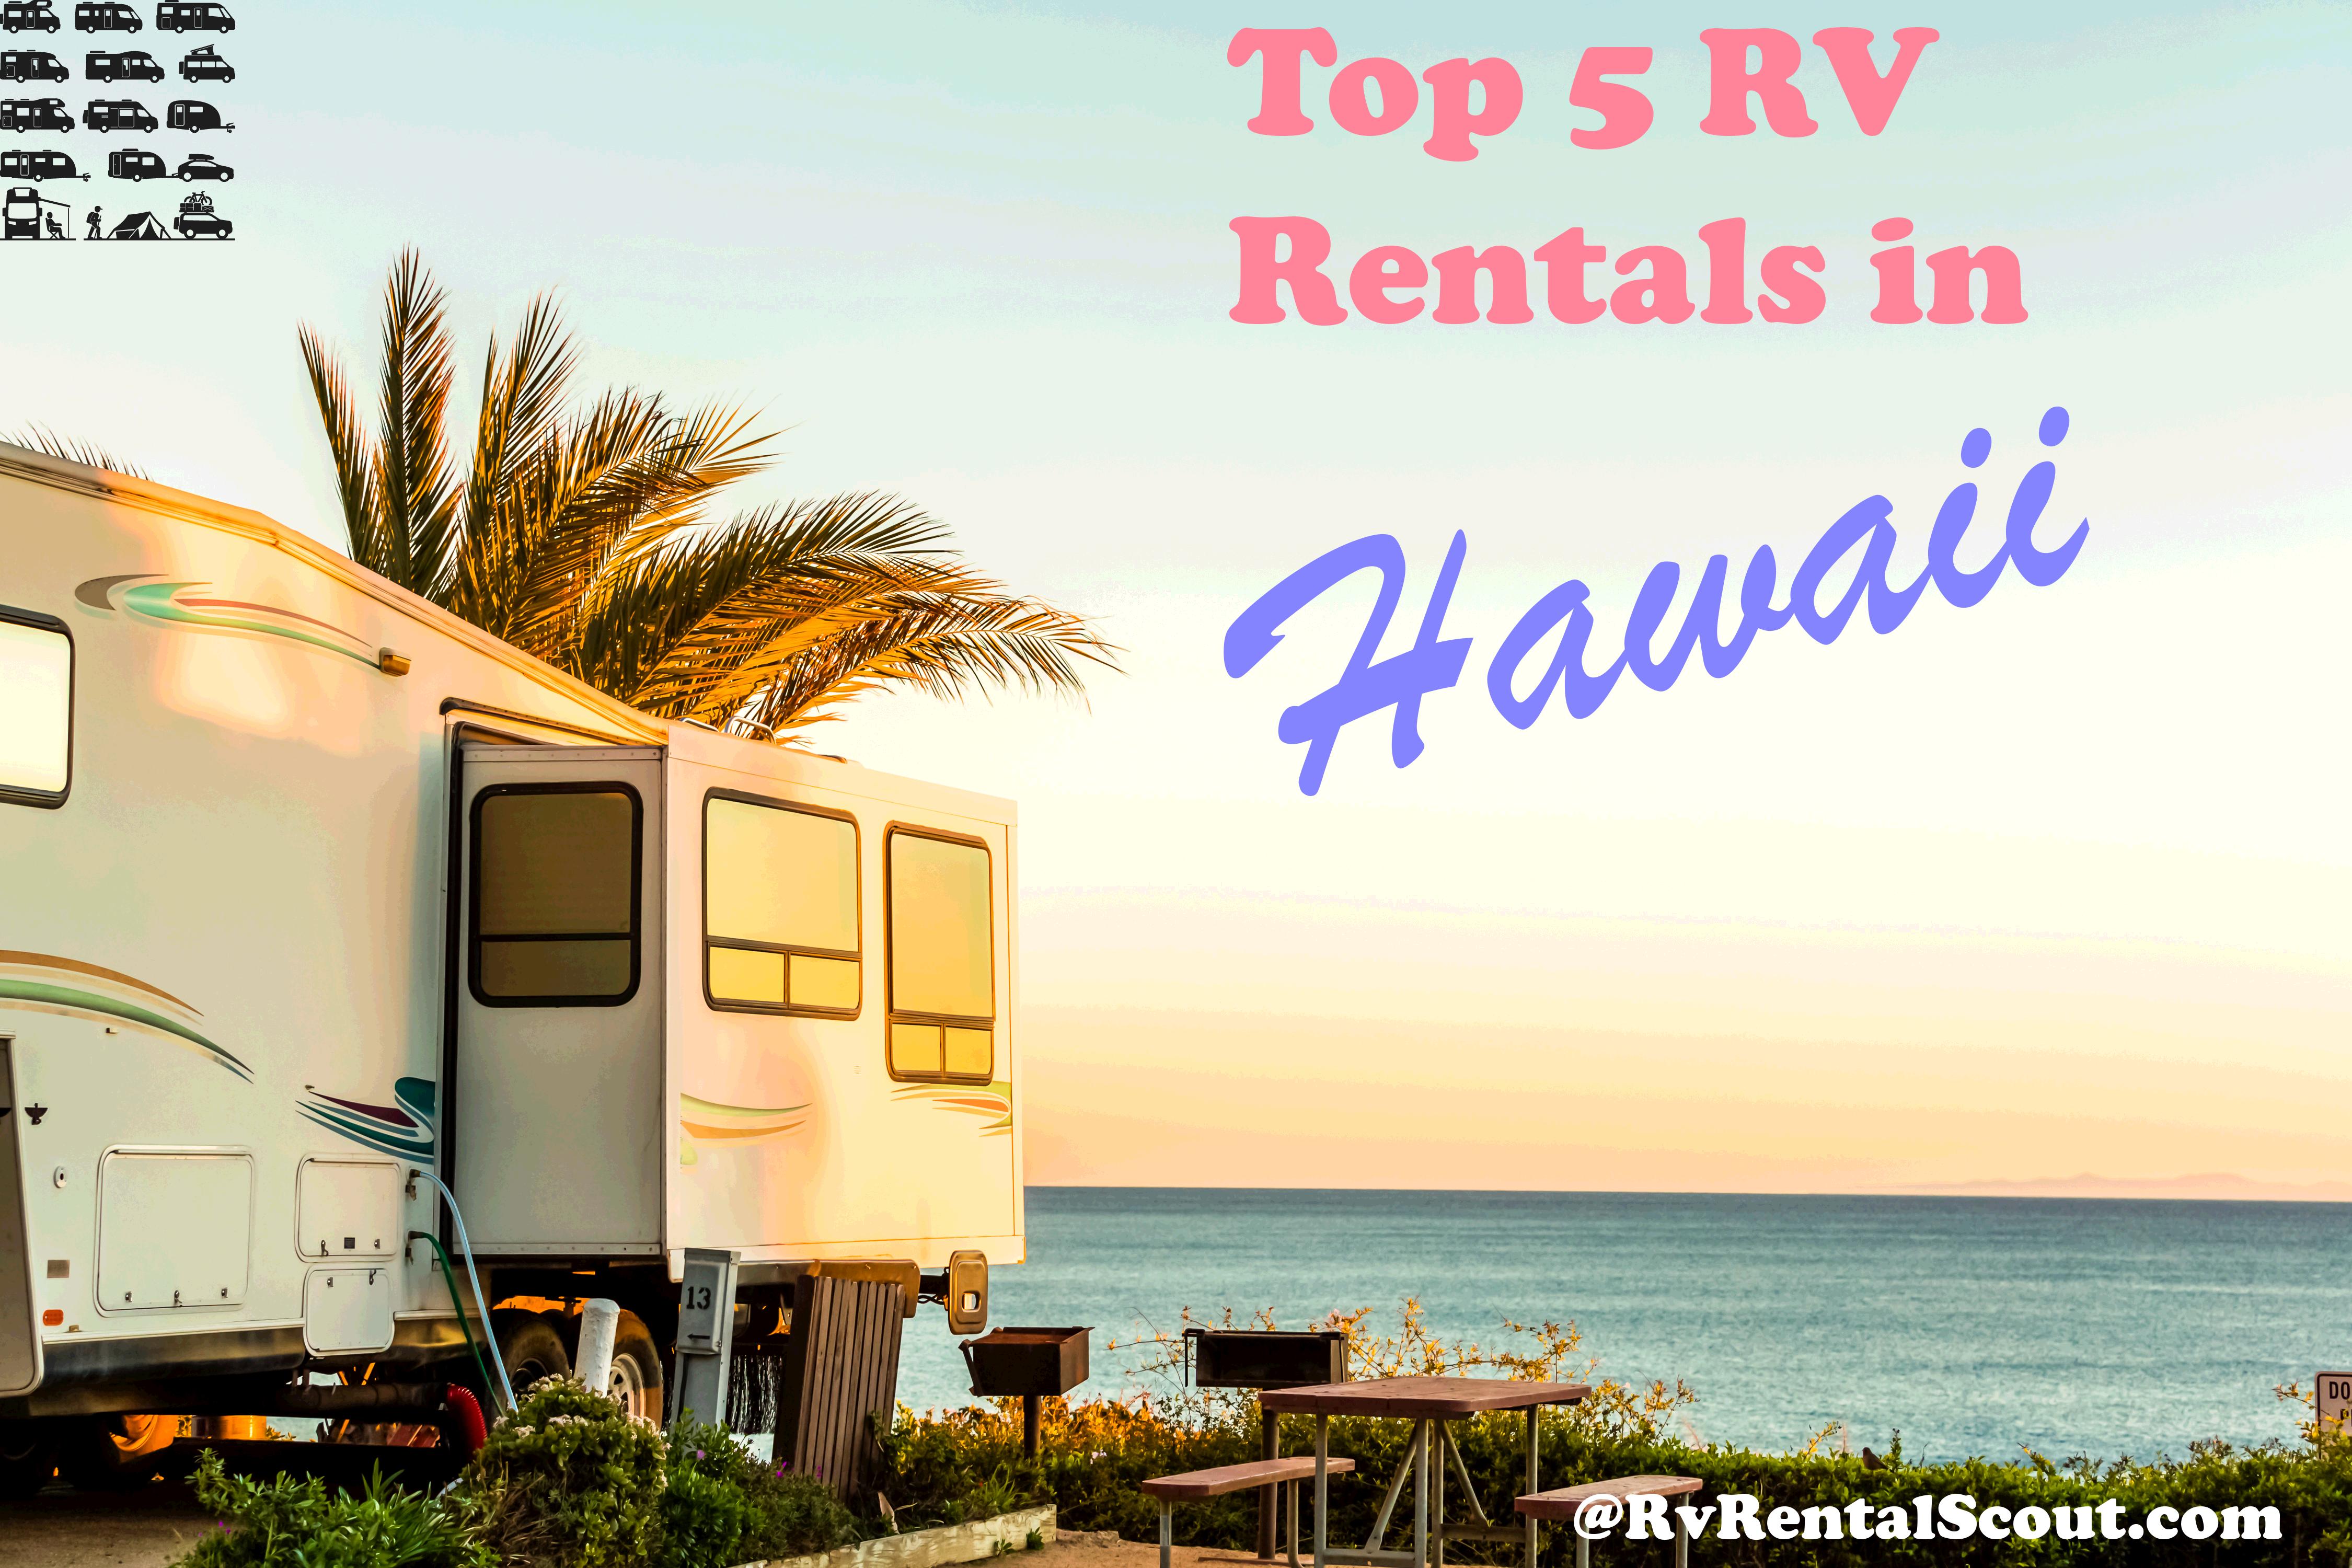 10 Best Camper Rv Rentals Hawaii Rv Scout